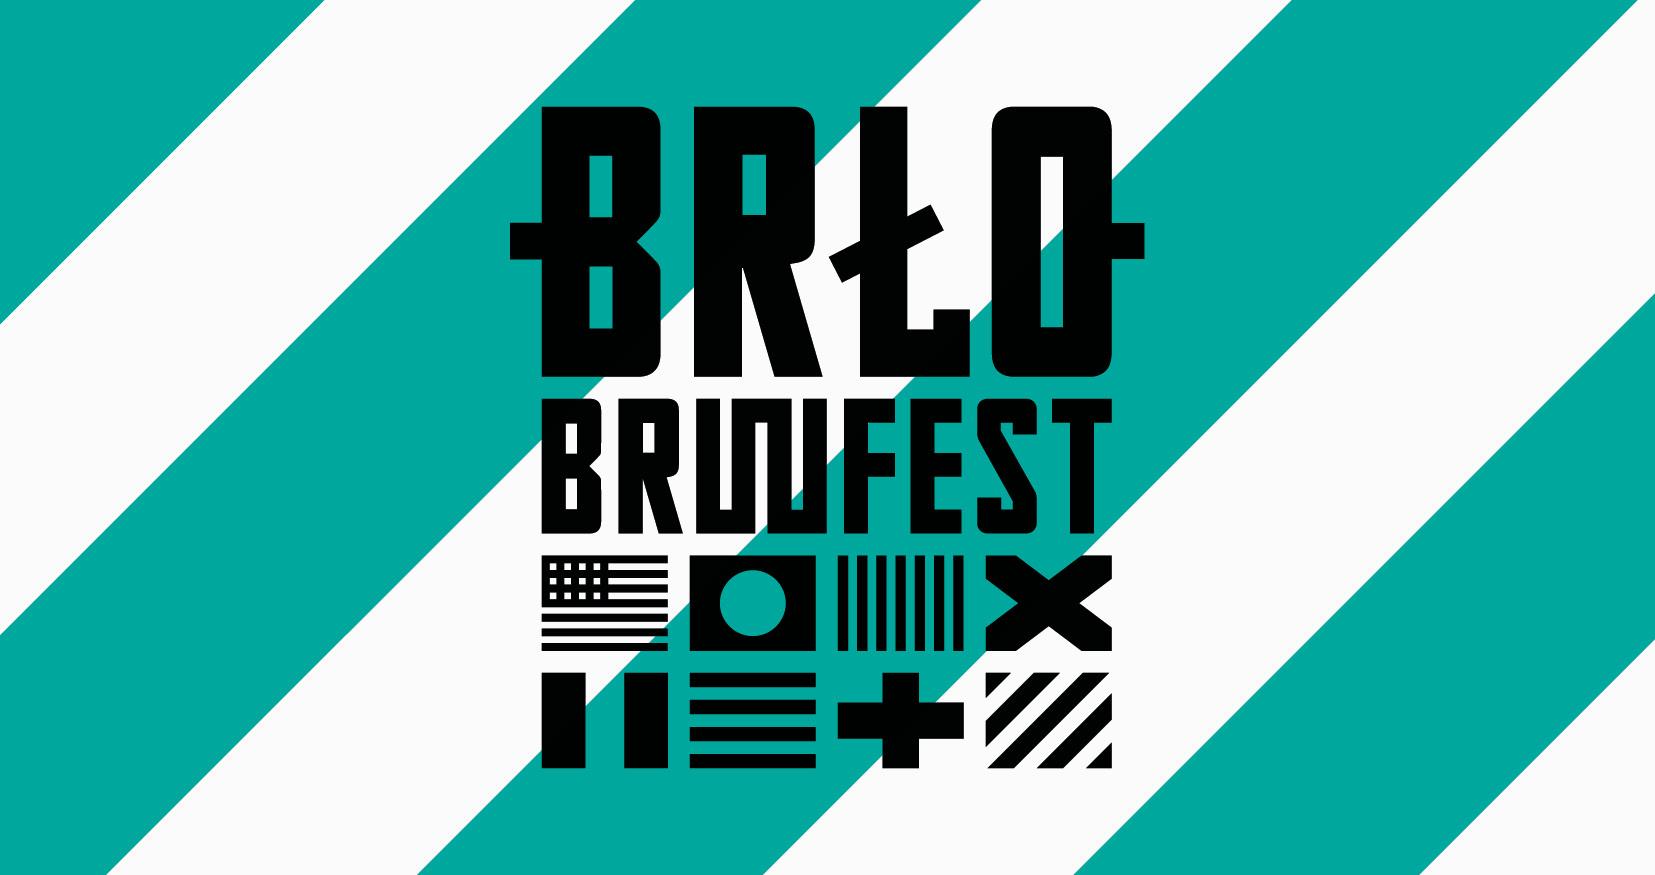 BRLO Brwfest '19